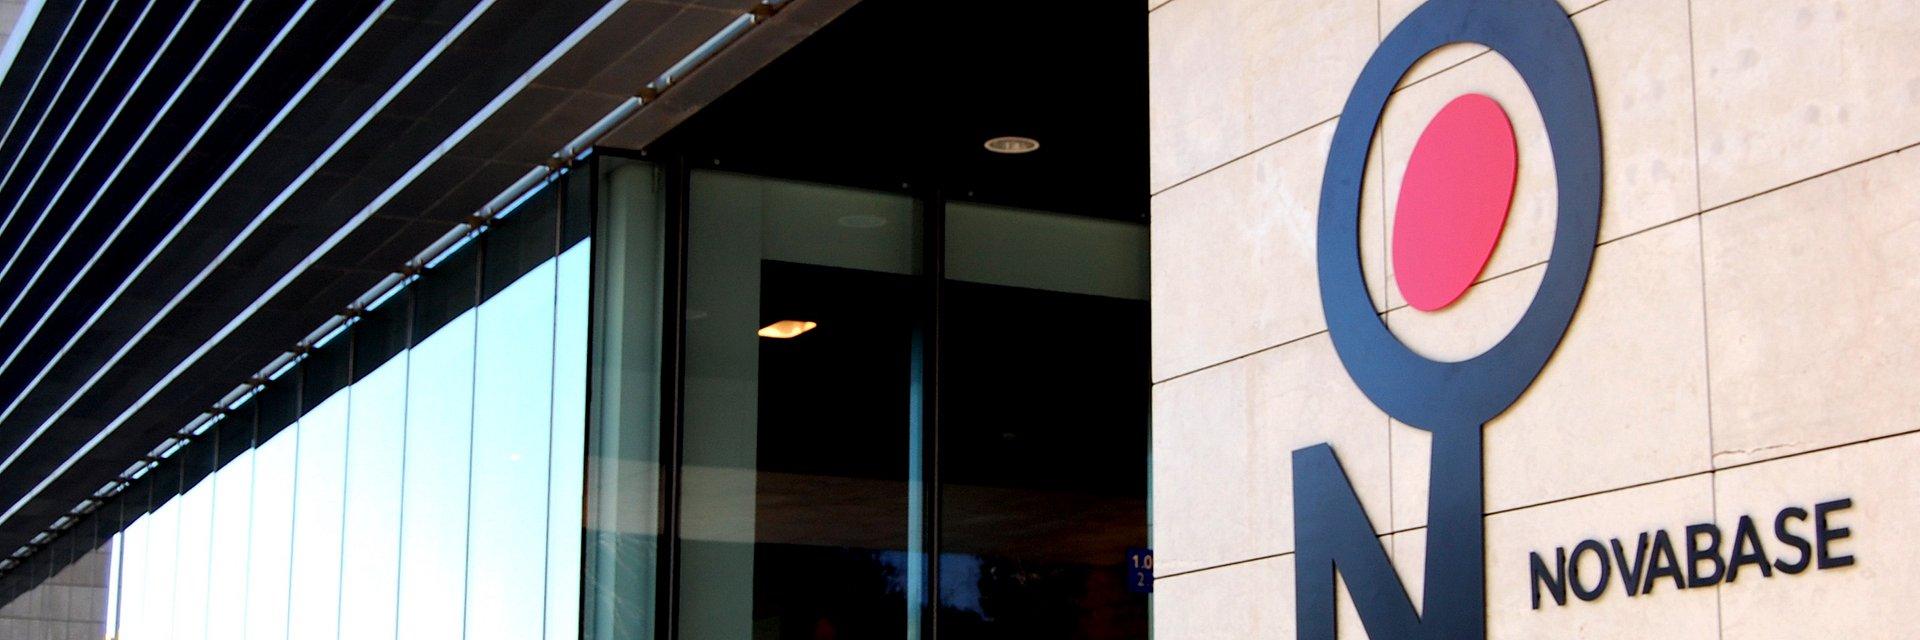 Novabase vende negócio de Governo, Transportes e Energia à VINCI Energies